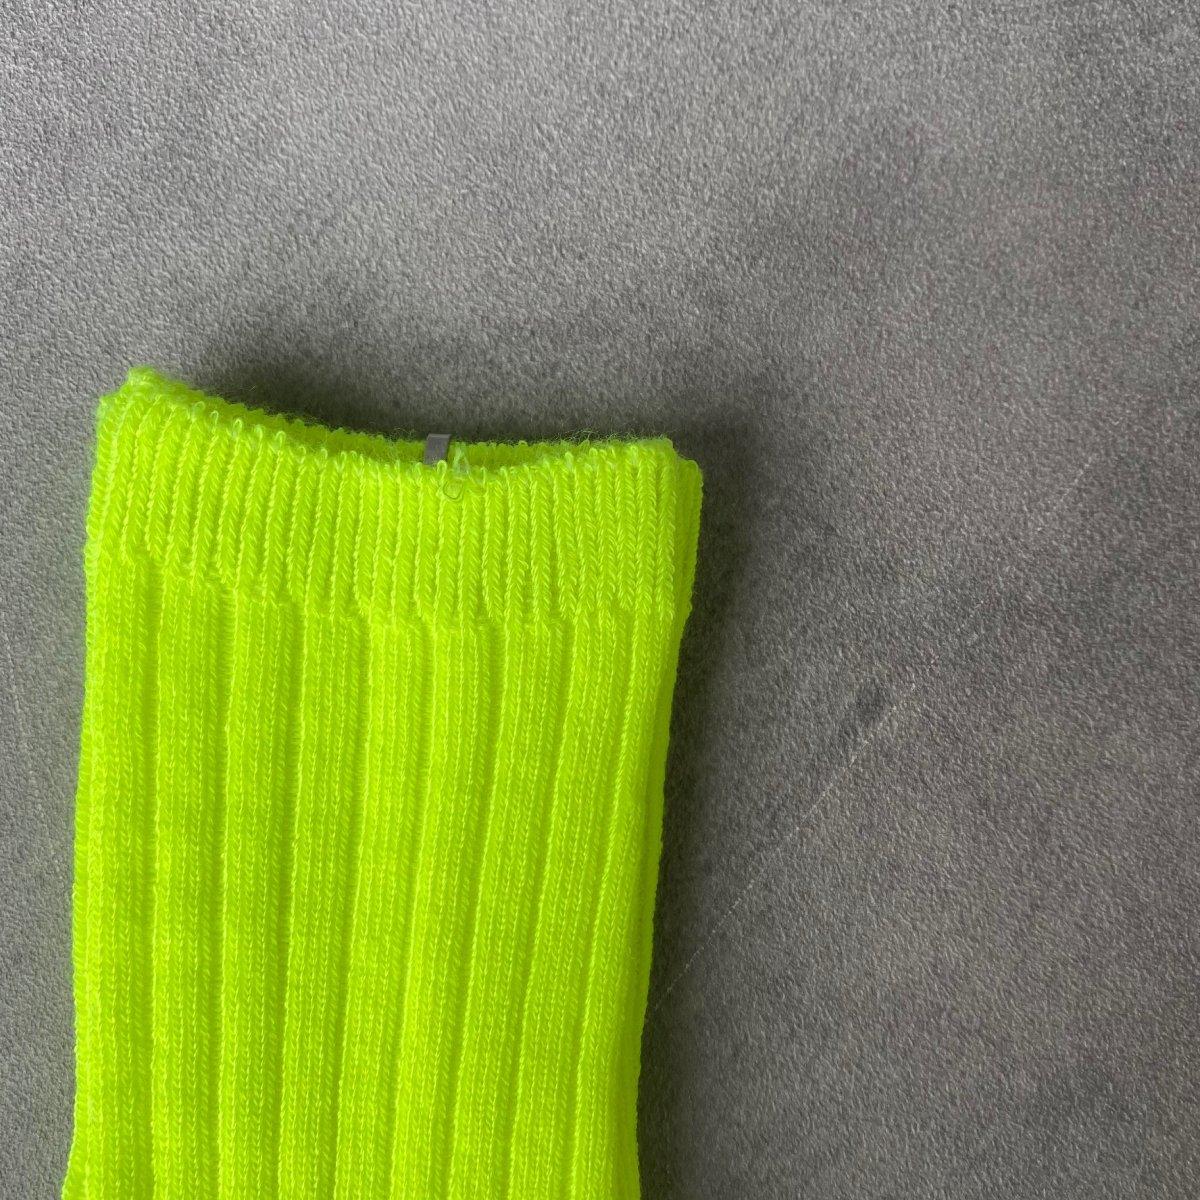 【KIDS】Neon Socks 詳細画像9